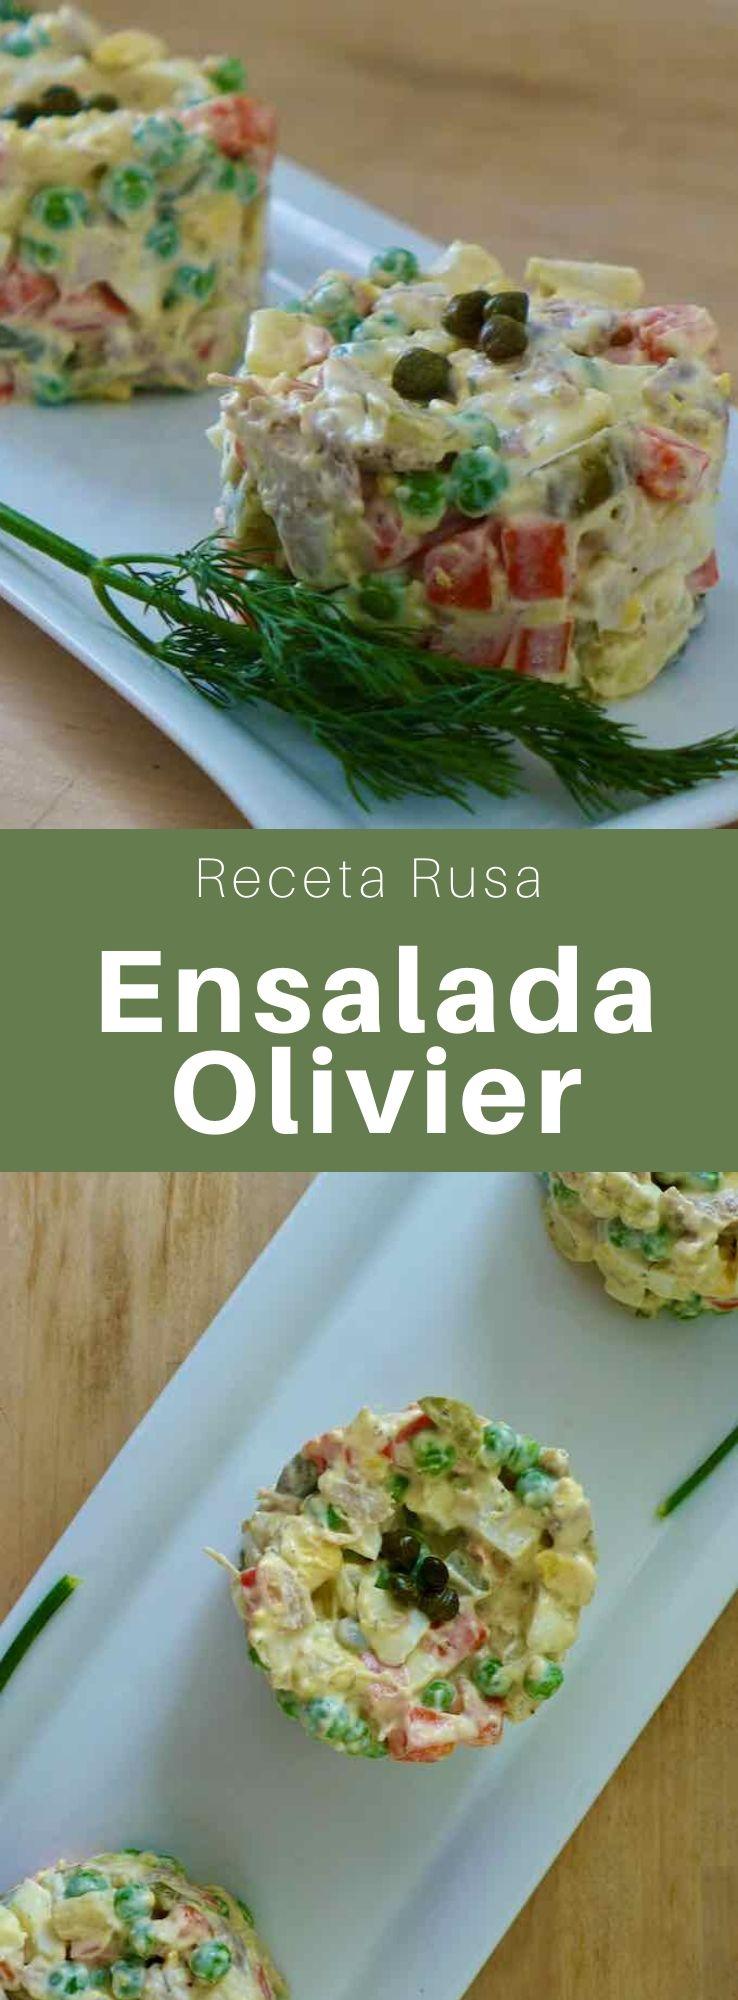 La versión original de la ensalada Olivier, también conocida como ensaladilla rusa, la creó Lucien Olivier en la década de 1860. Se prepara con patatas y verduras picadas, huevos, pollo y mayonesa.